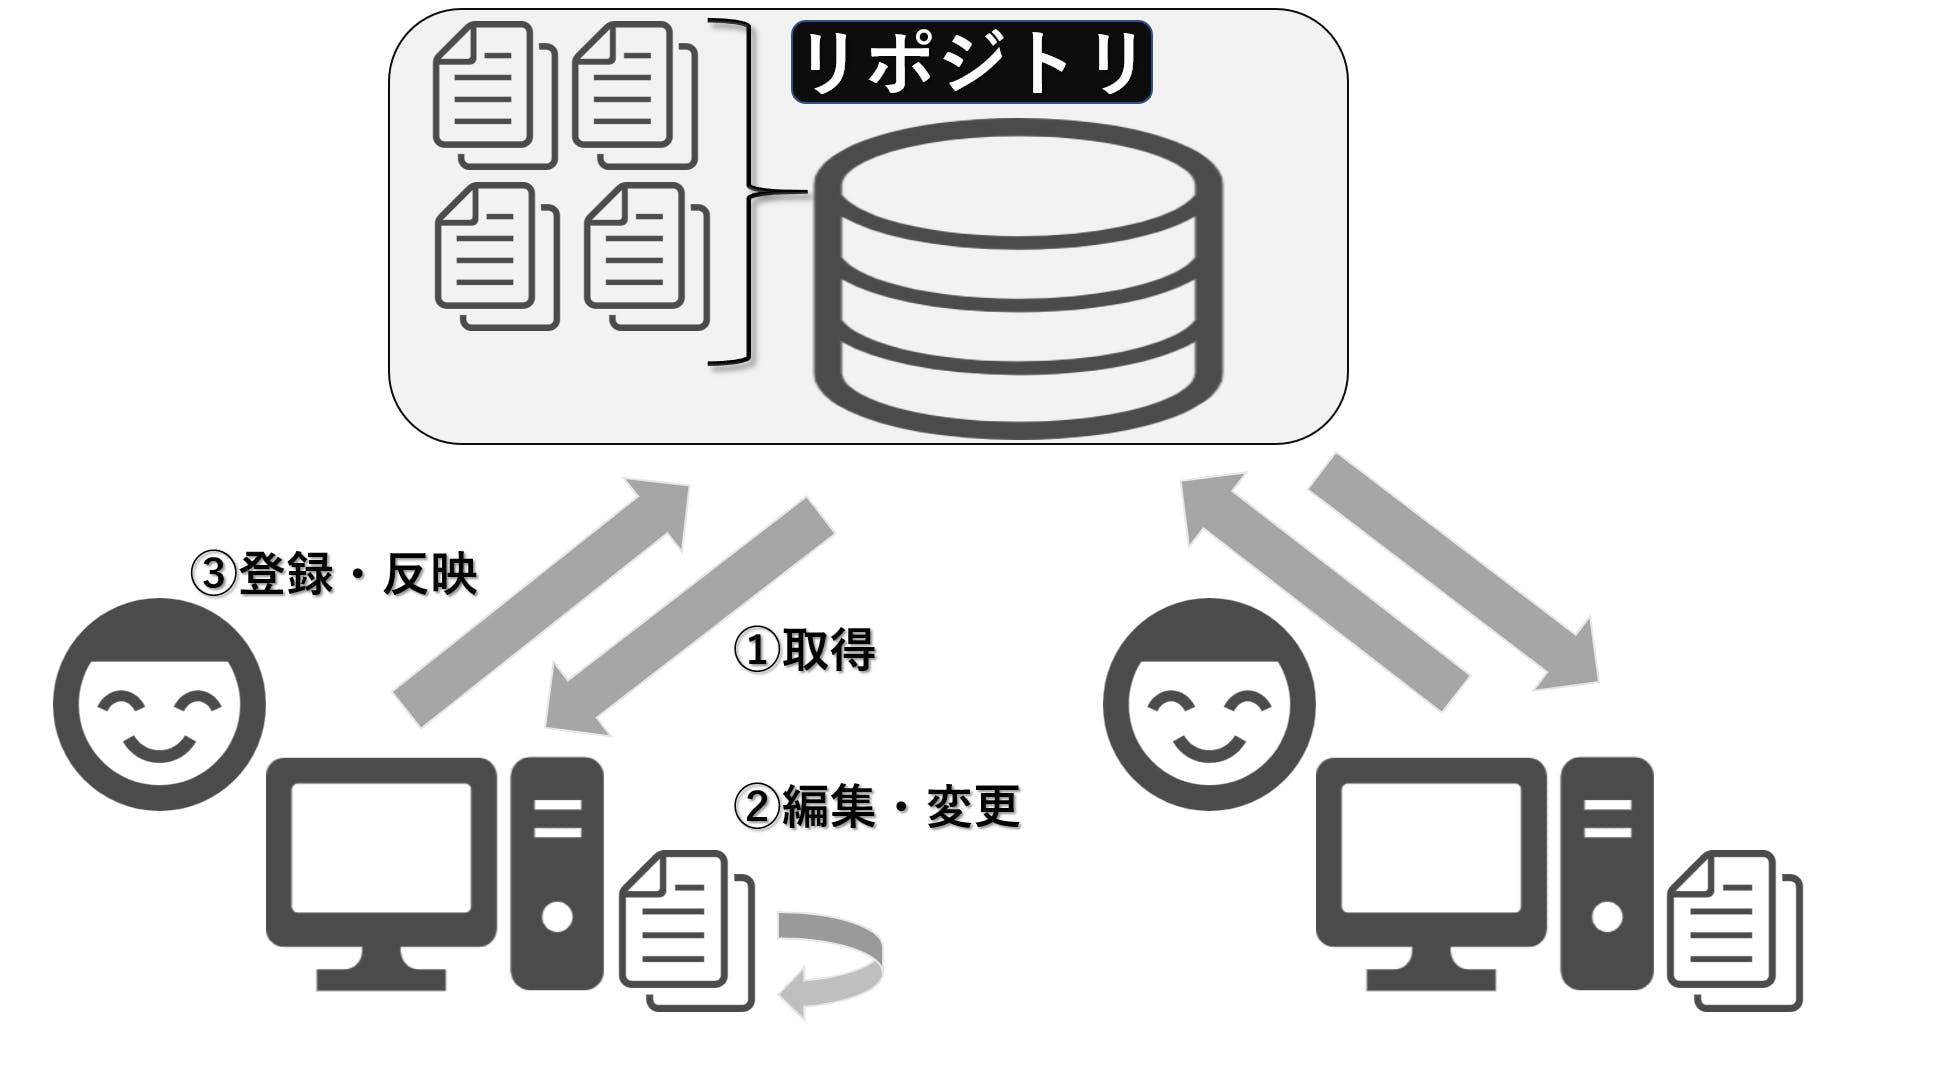 中央集中型VCS.png